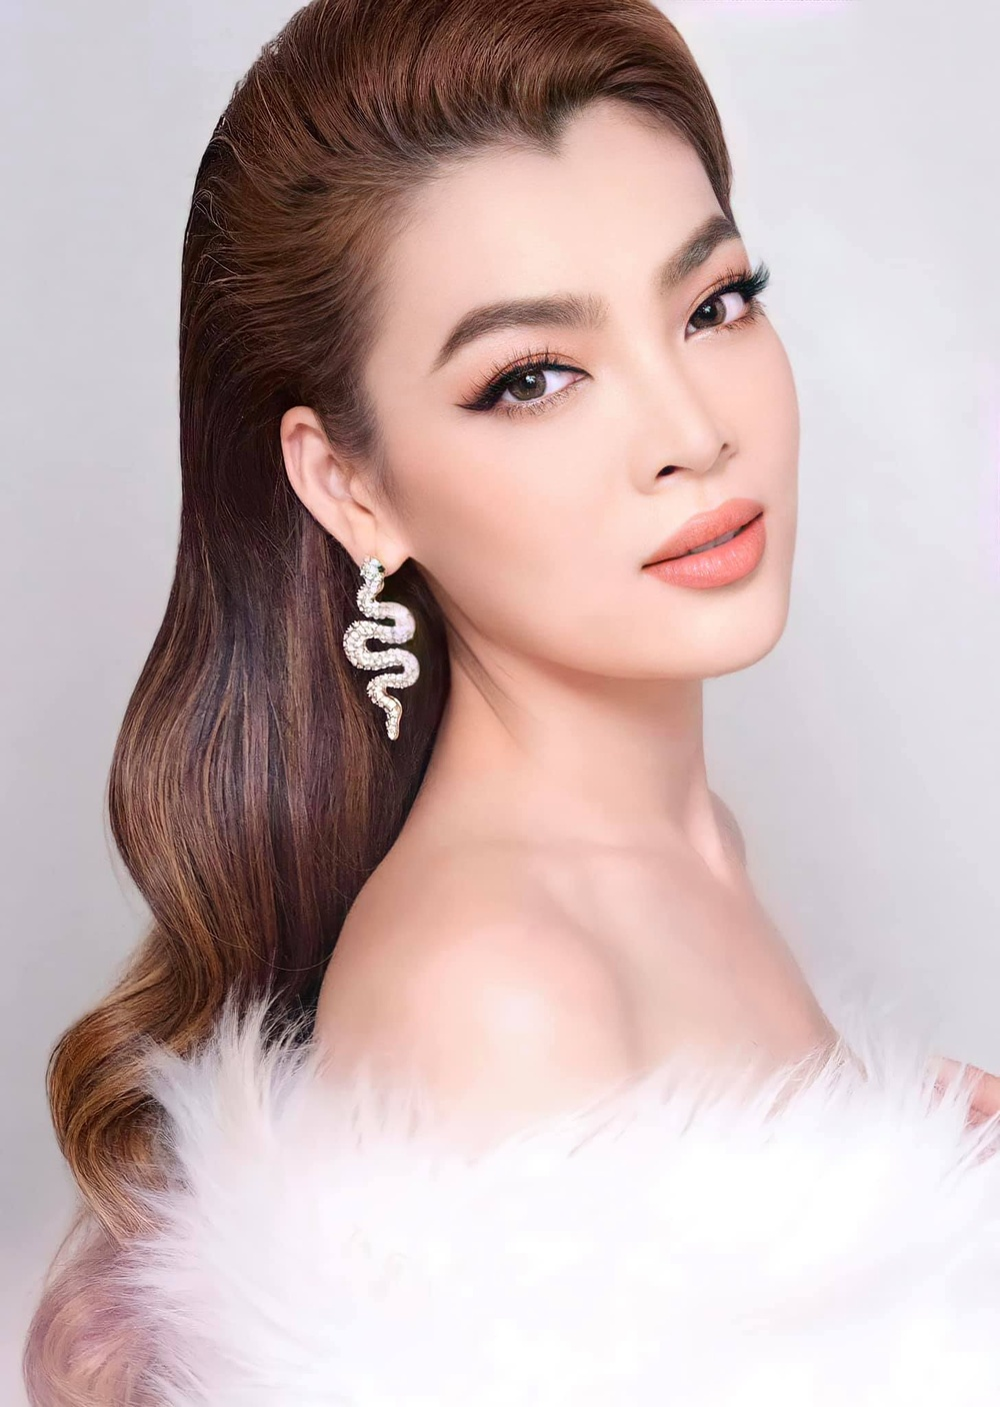 12 thí sinh đầu tiên dự thi Miss International Queen 2021: Trân Đài 'kèn cựa' mỹ nhân Thái Lan Ảnh 46